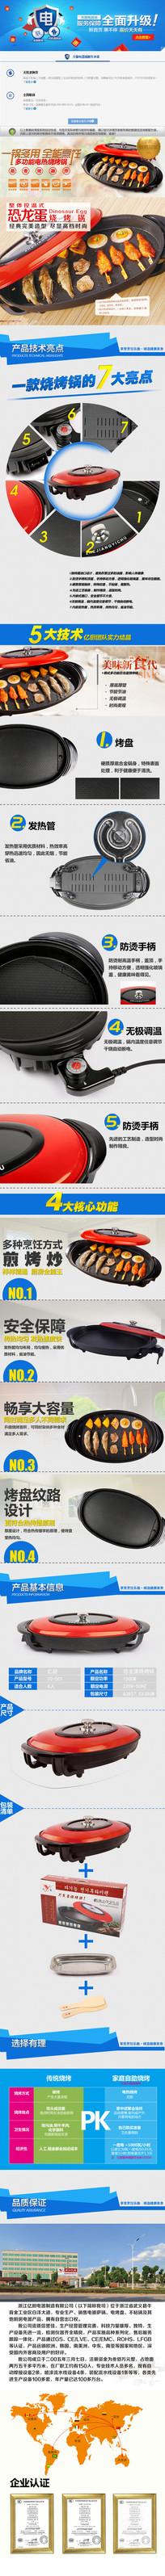 恐龙蛋烧烤锅描述模版